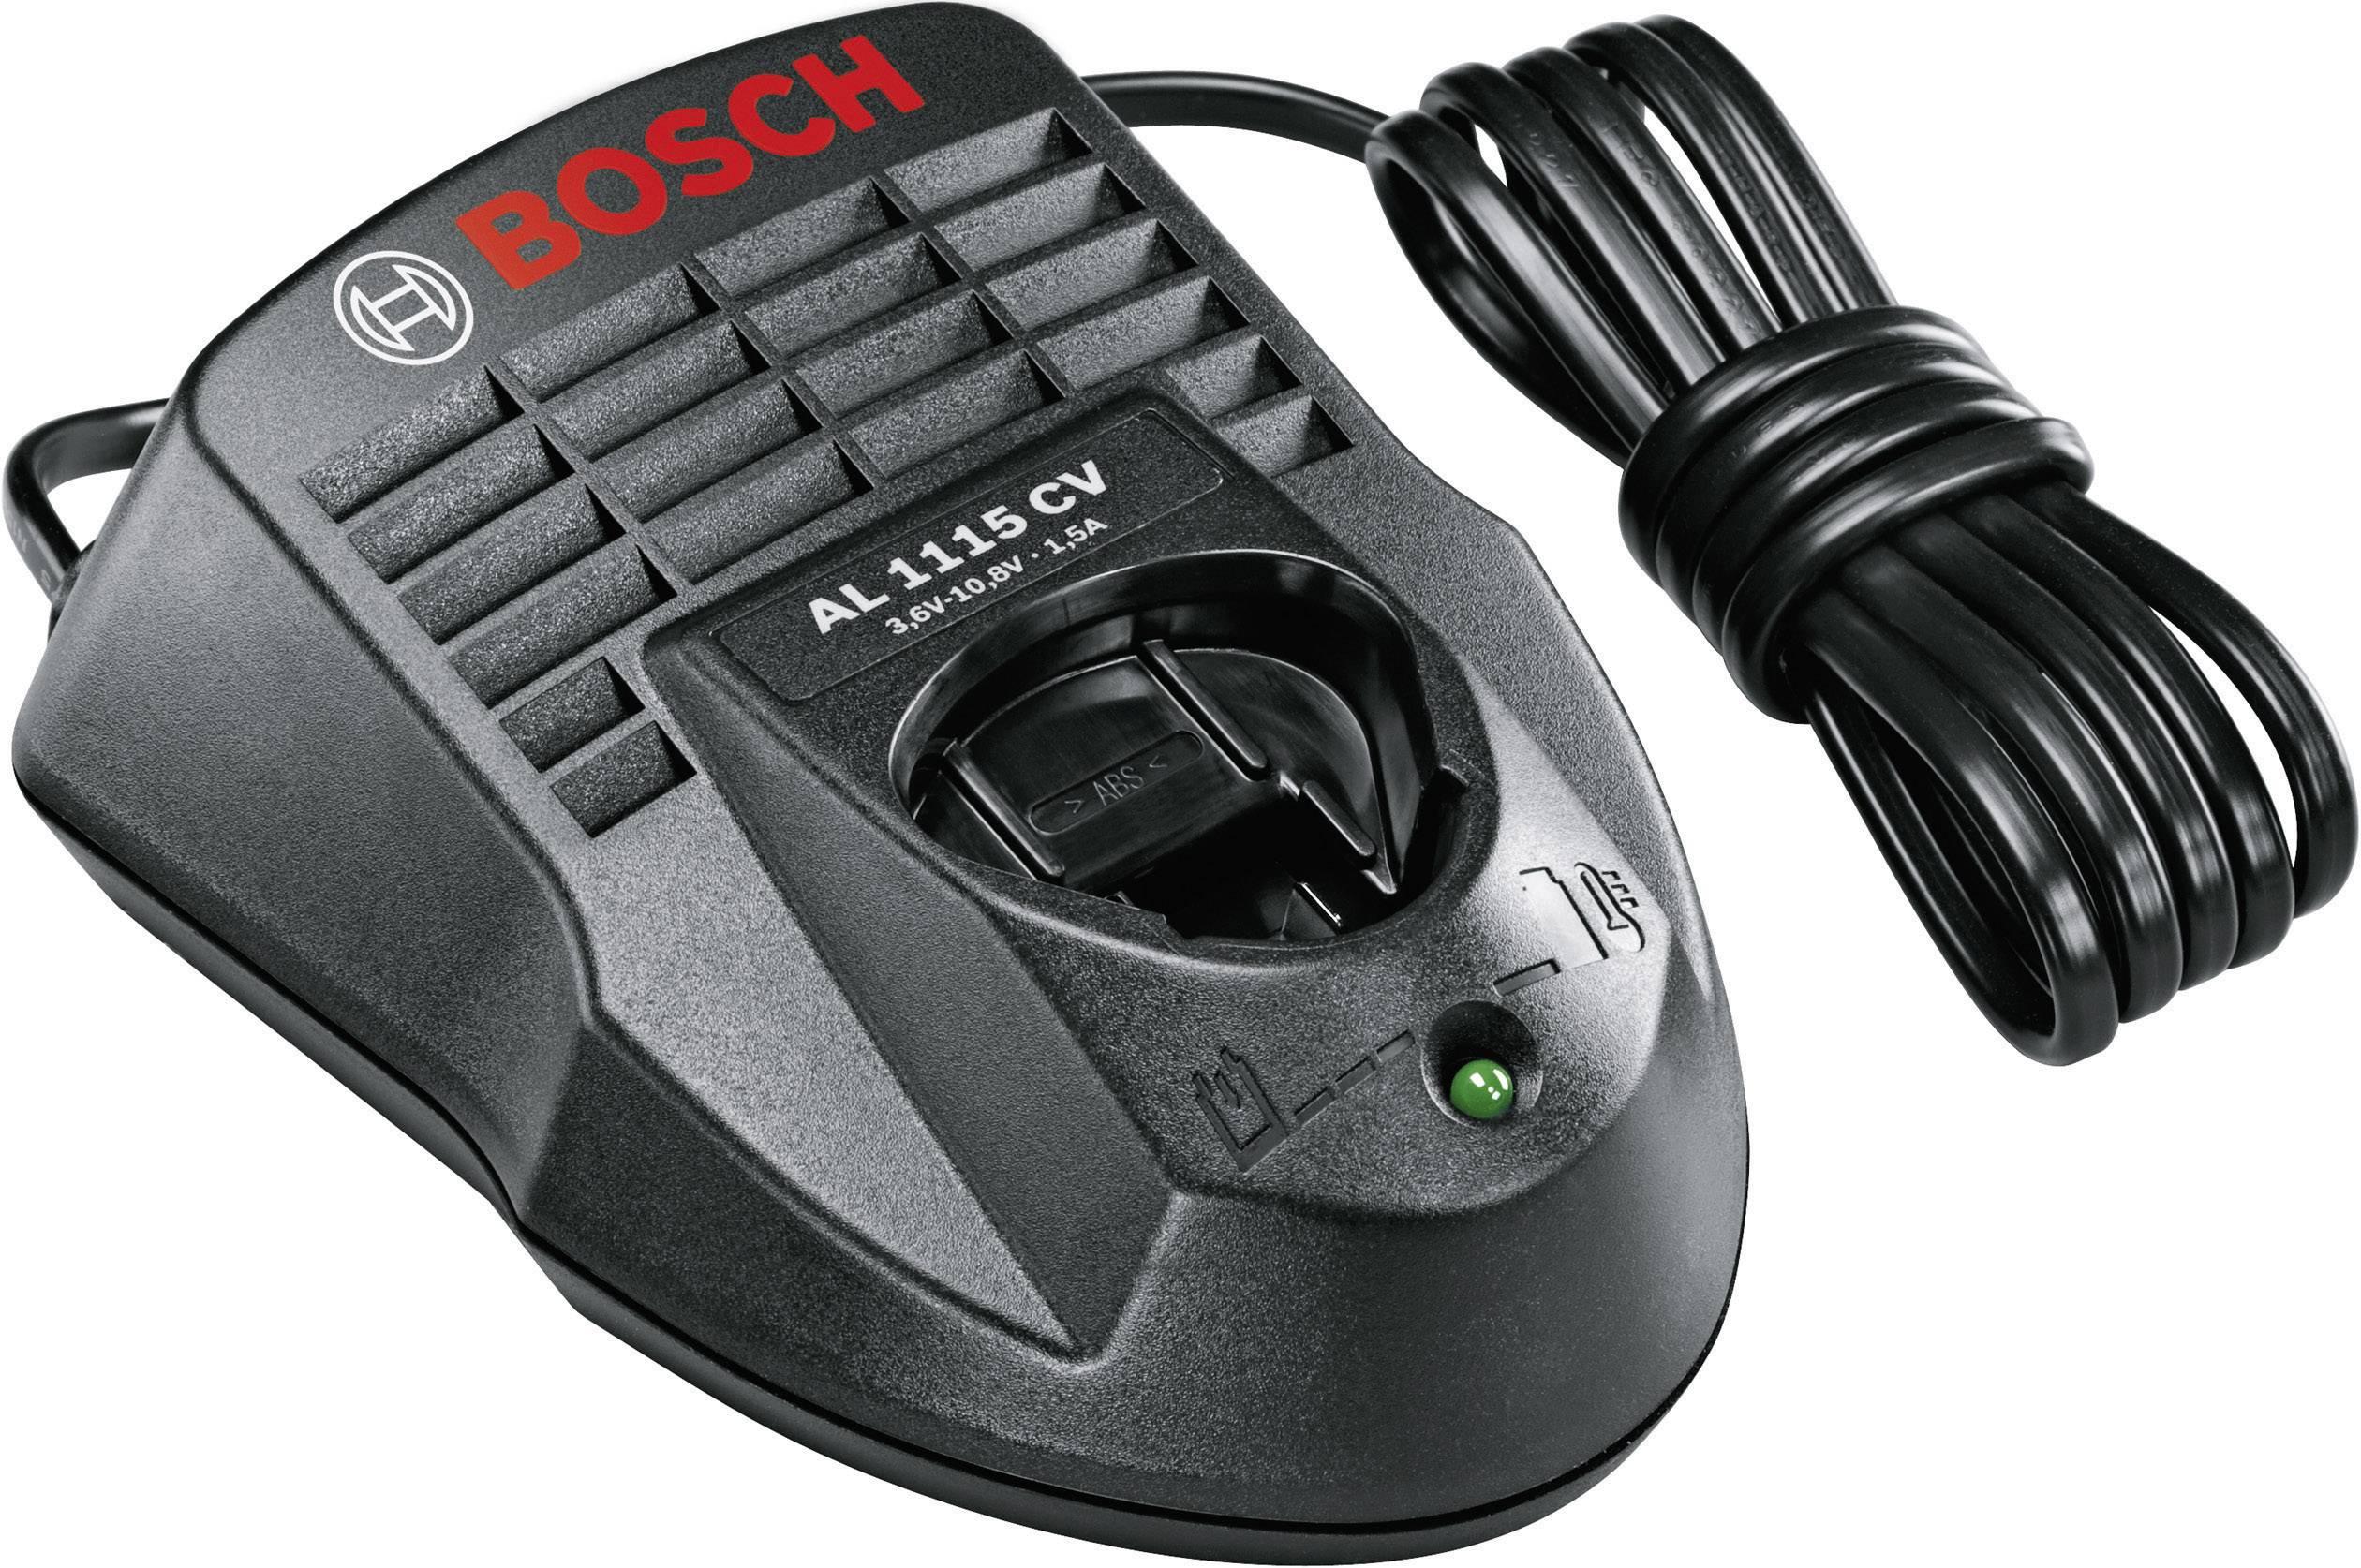 Nabíječka Li-Ion akumulátorů Bosch AL 1115 CV, 1 600 Z00 03P